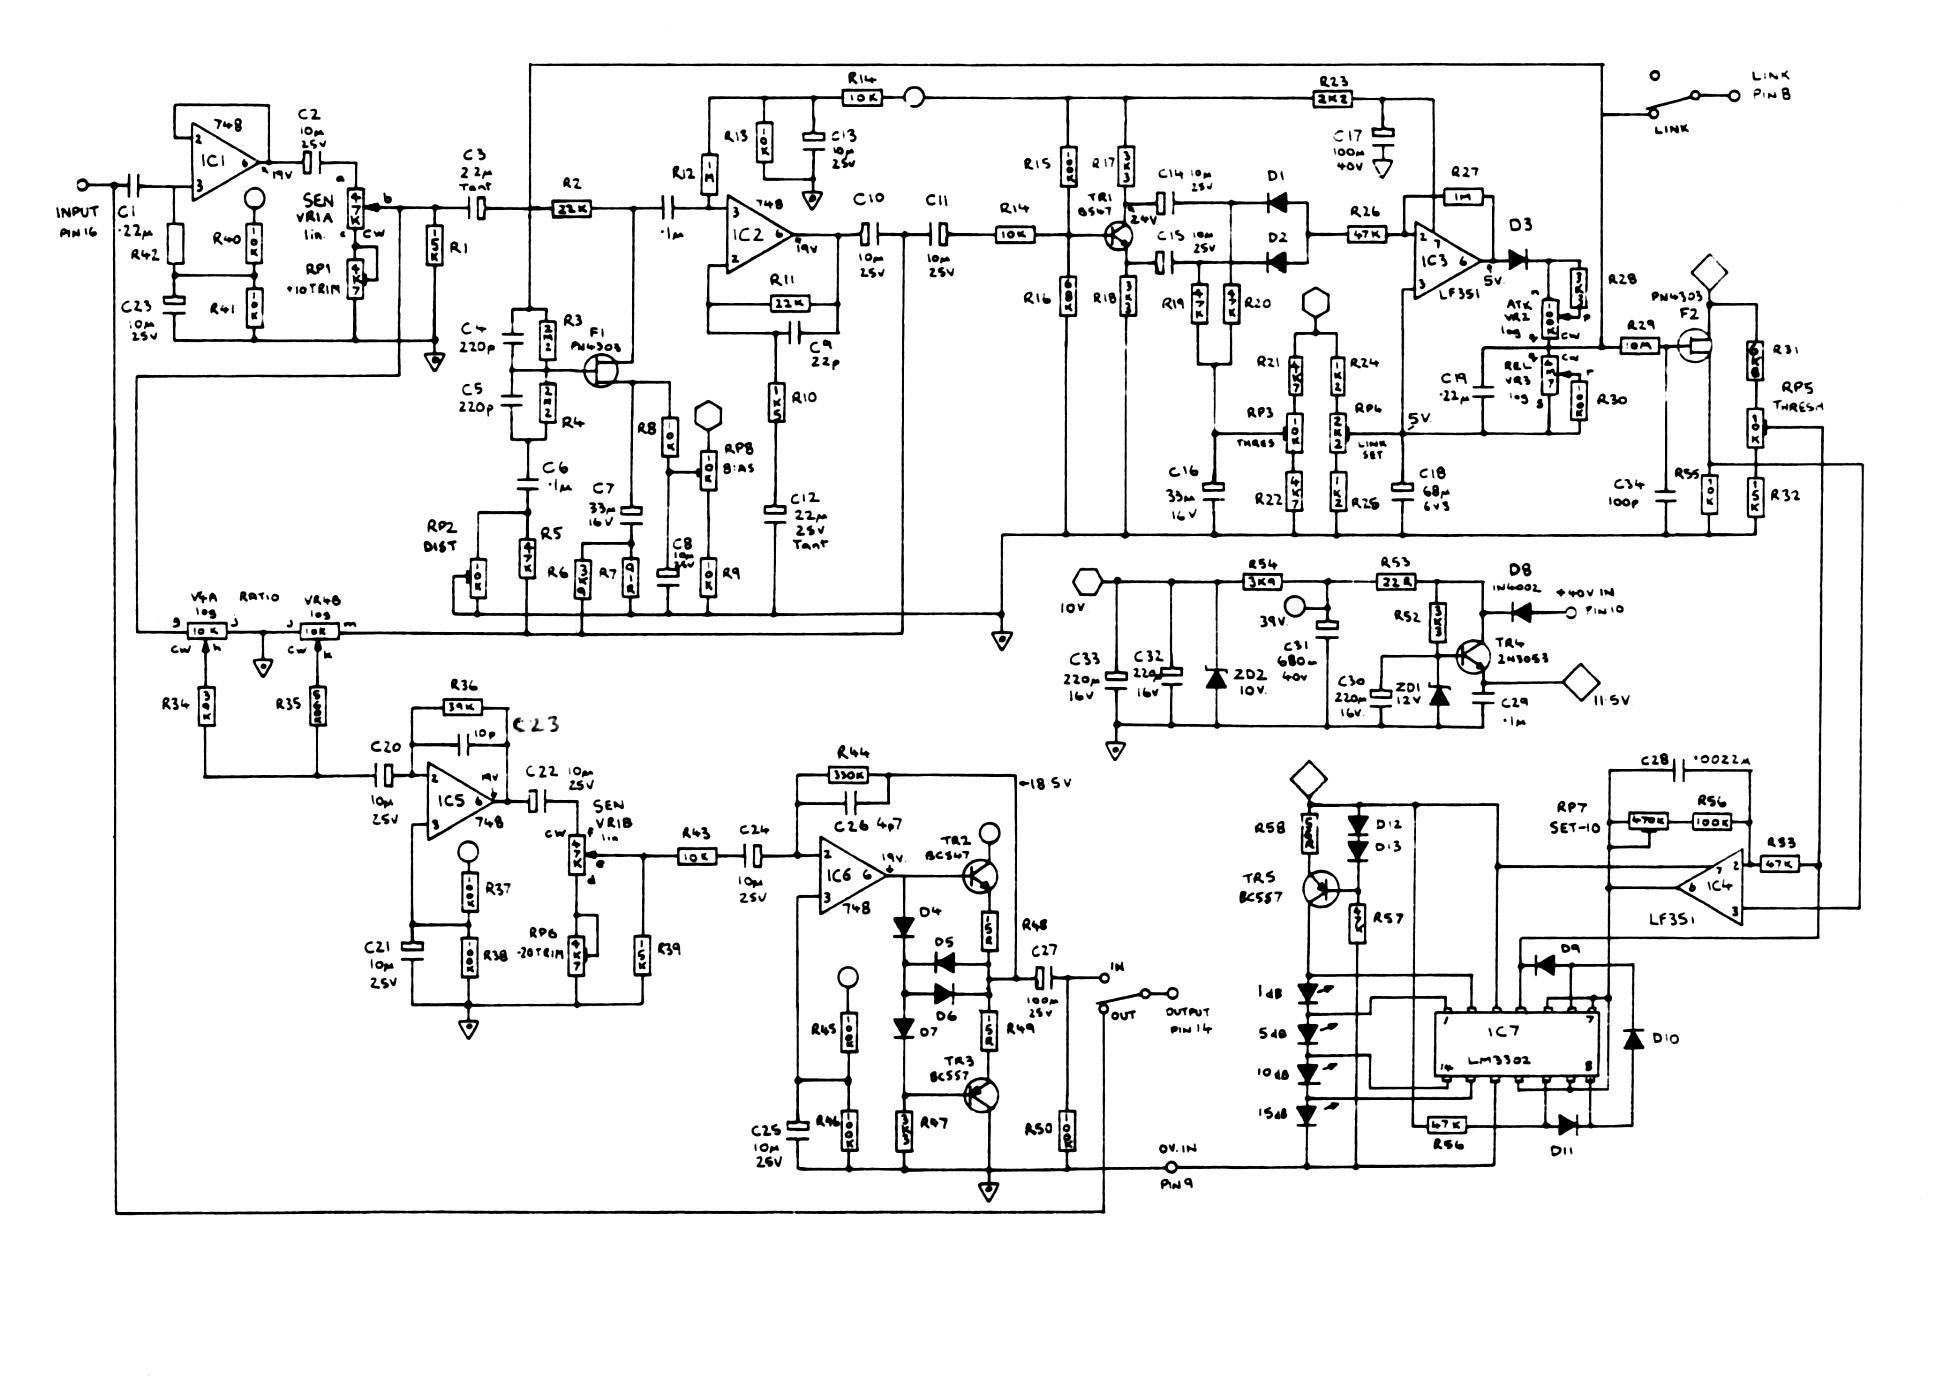 ra 4000 wiring diagram   22 wiring diagram images